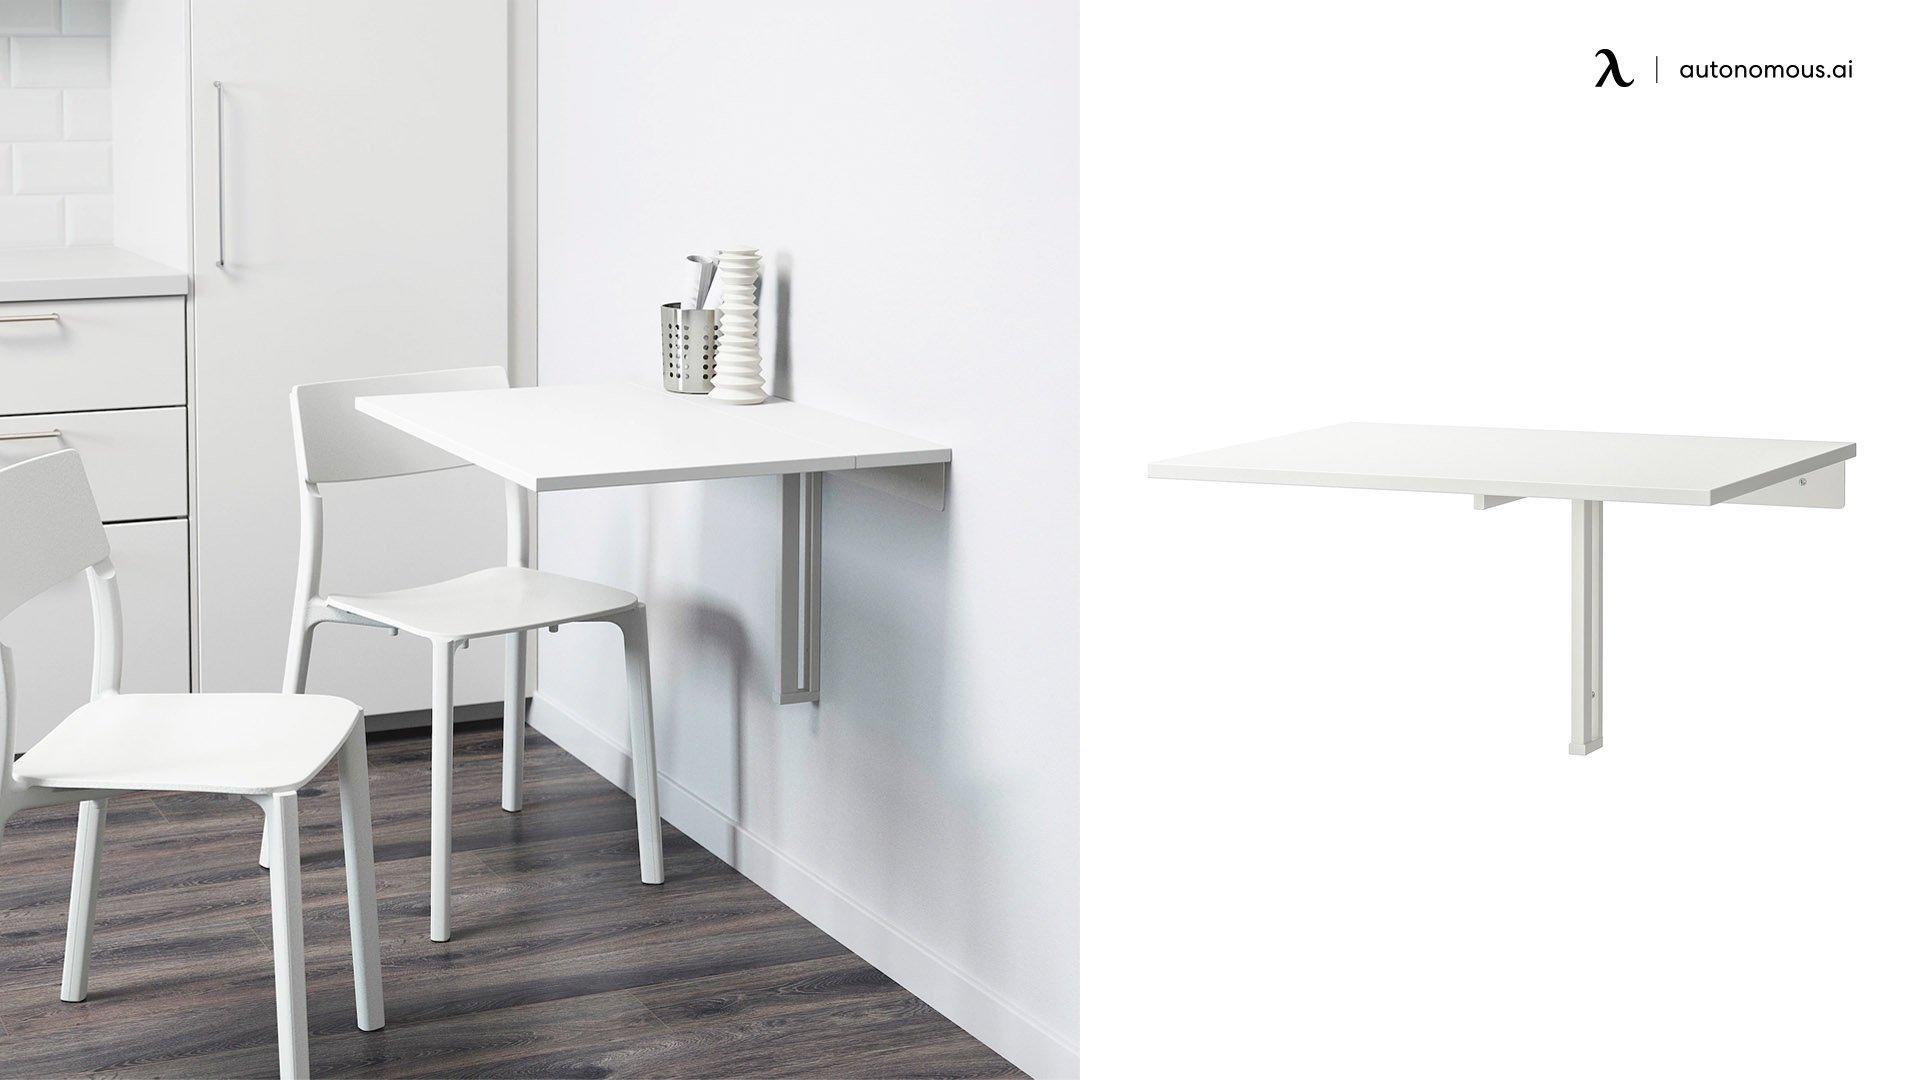 IKEA Norberg Wall-Mounted Desk